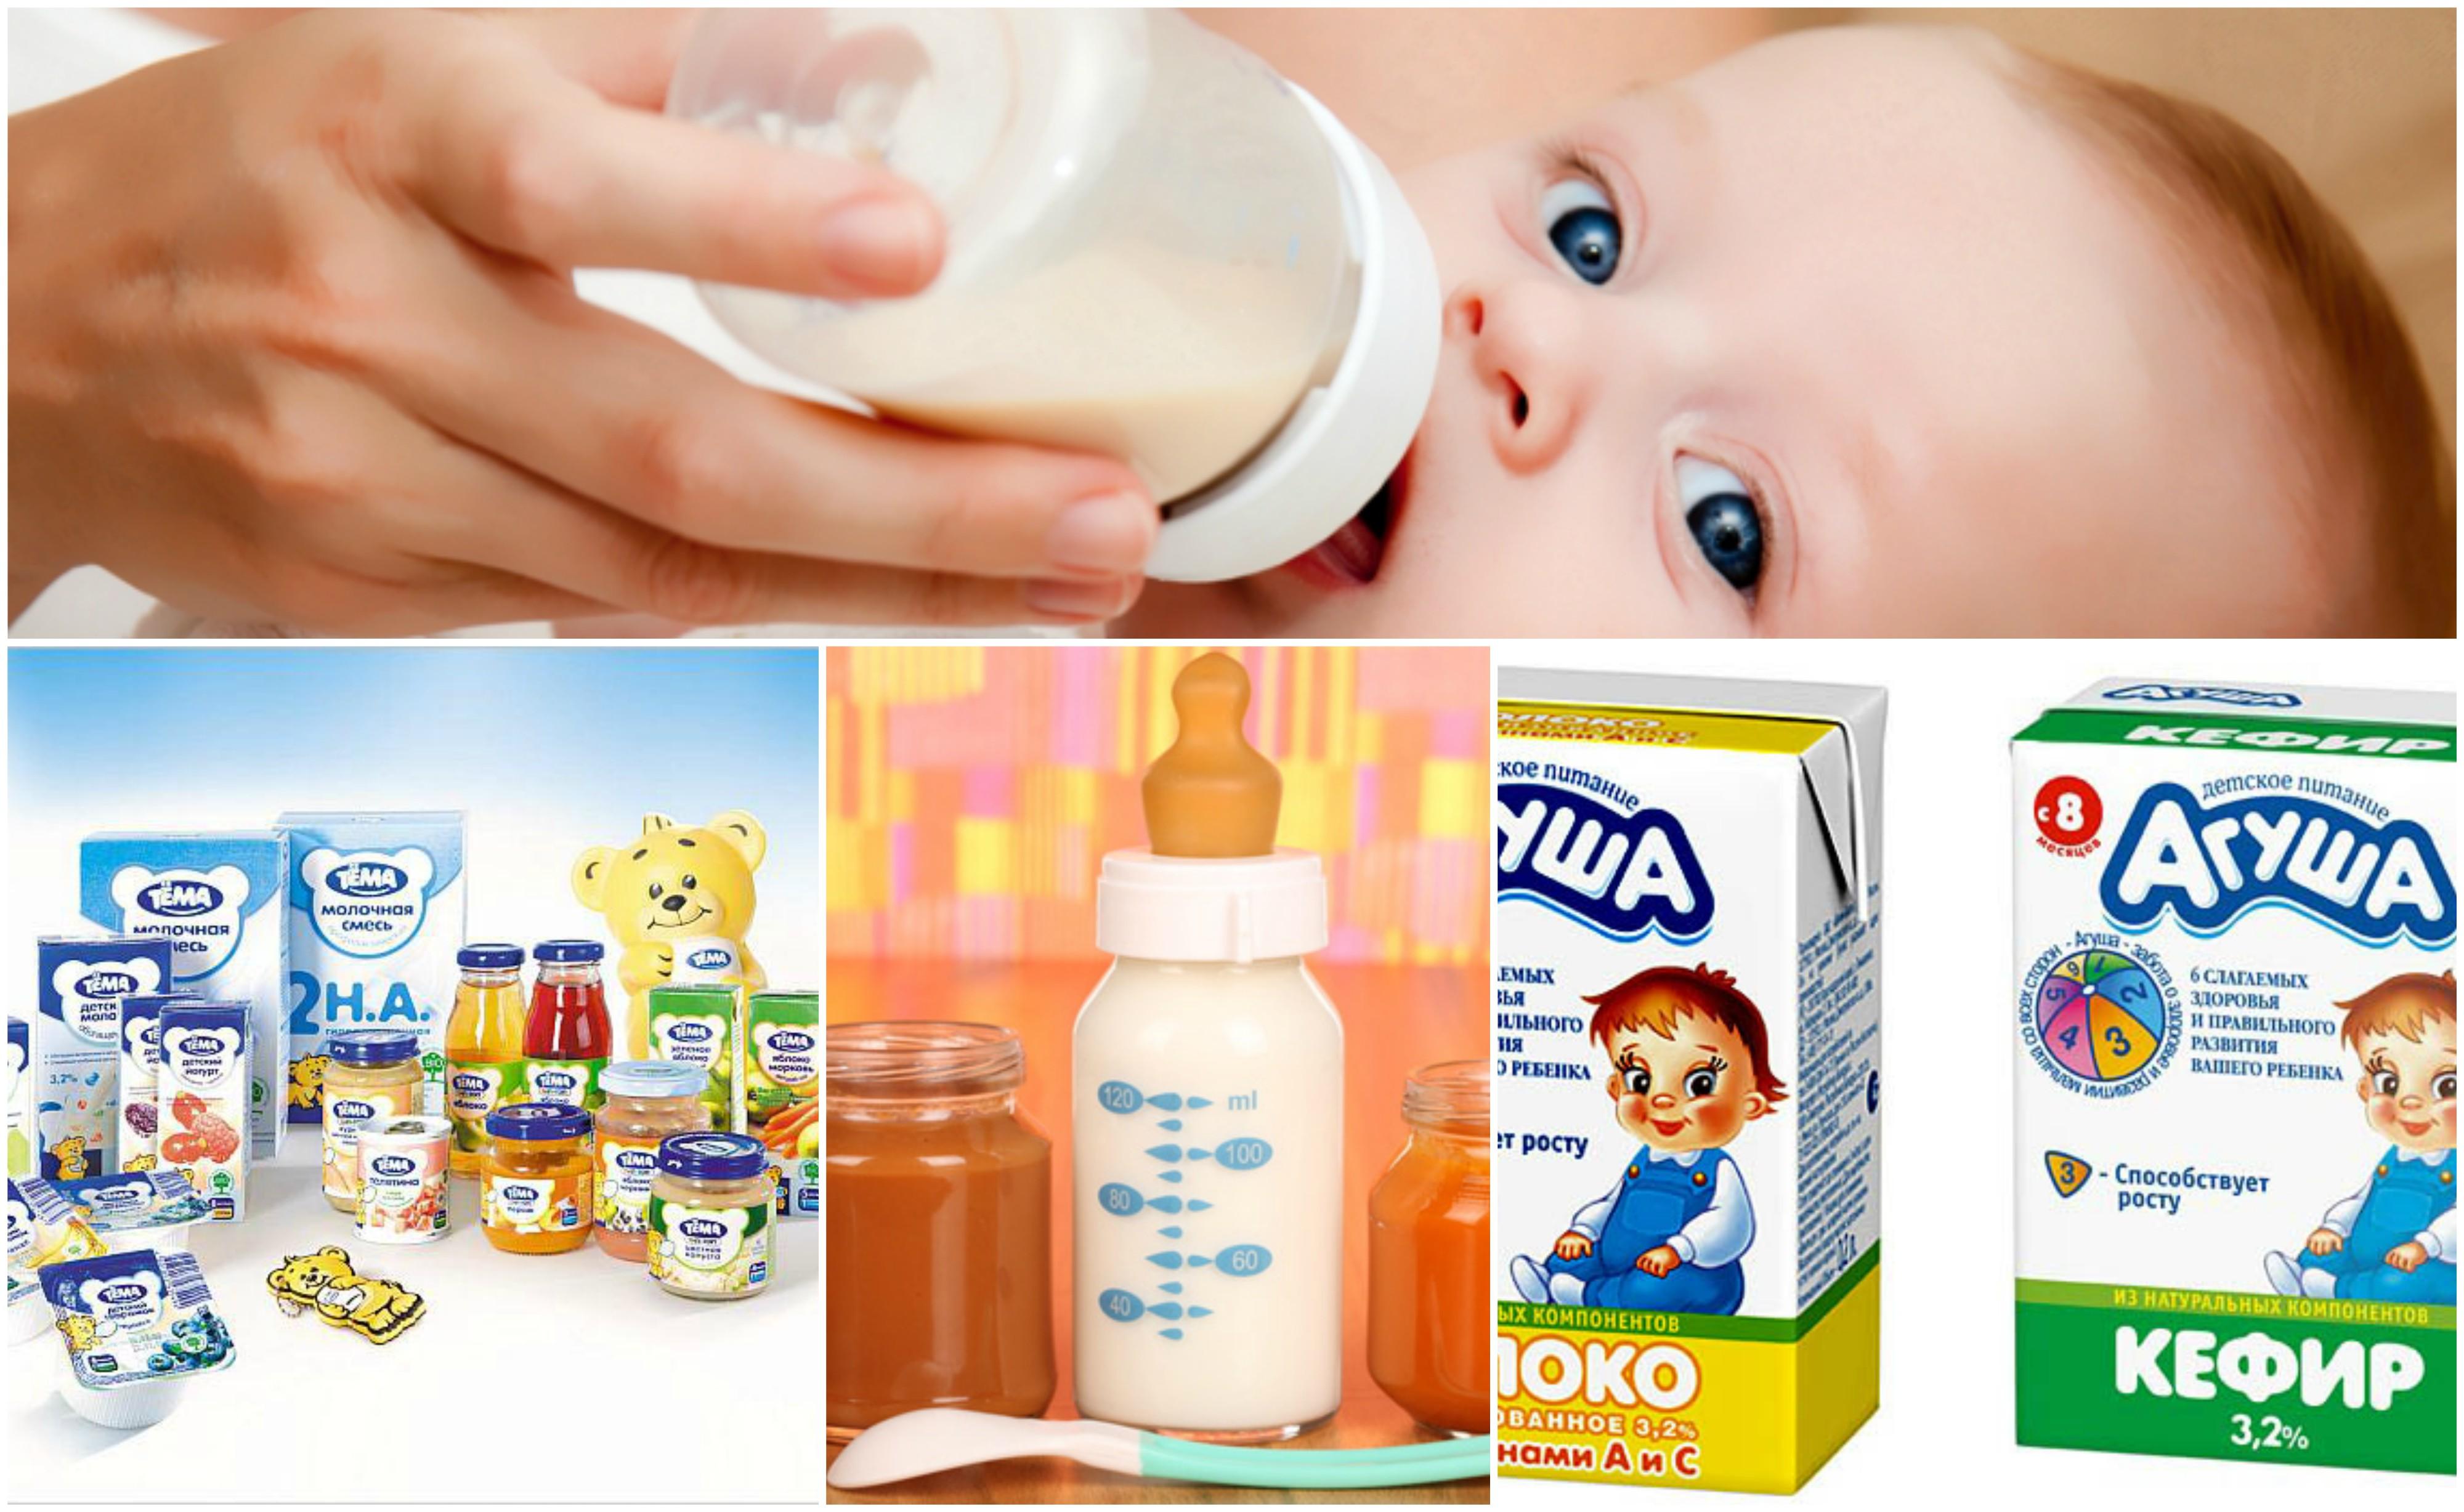 Нялх, балчир хүүхдэд зориулсан бүх хоол, тэжээлийн бүтээгдэхүүний хэрэглэх заавар зэргийг заавал монголоор бичнэ